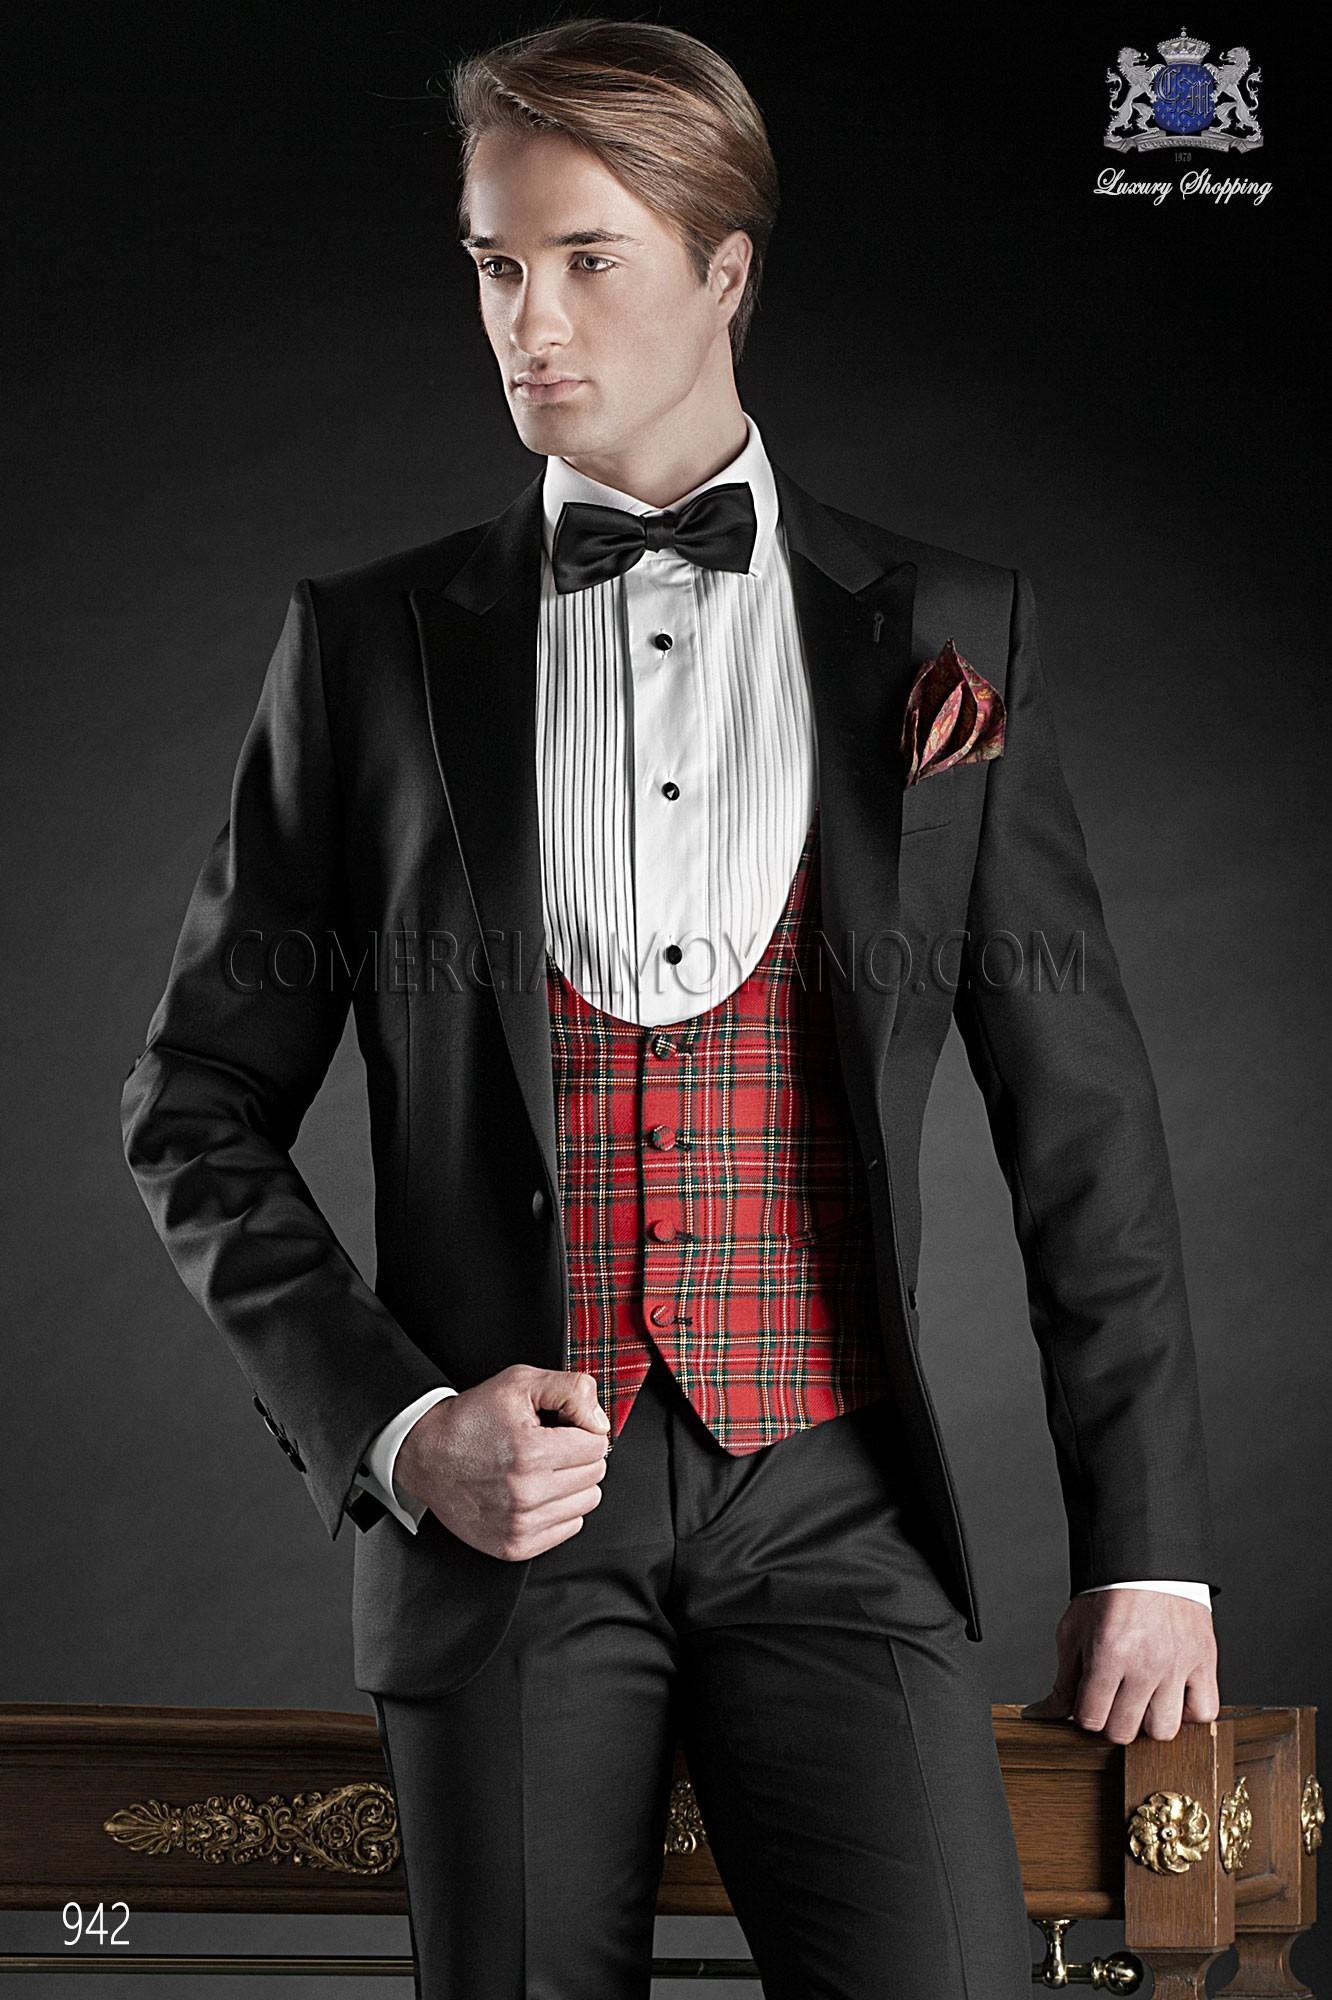 Traje de fiesta hombre negro modelo: 942 Ottavio Nuccio Gala colección Black Tie 2017